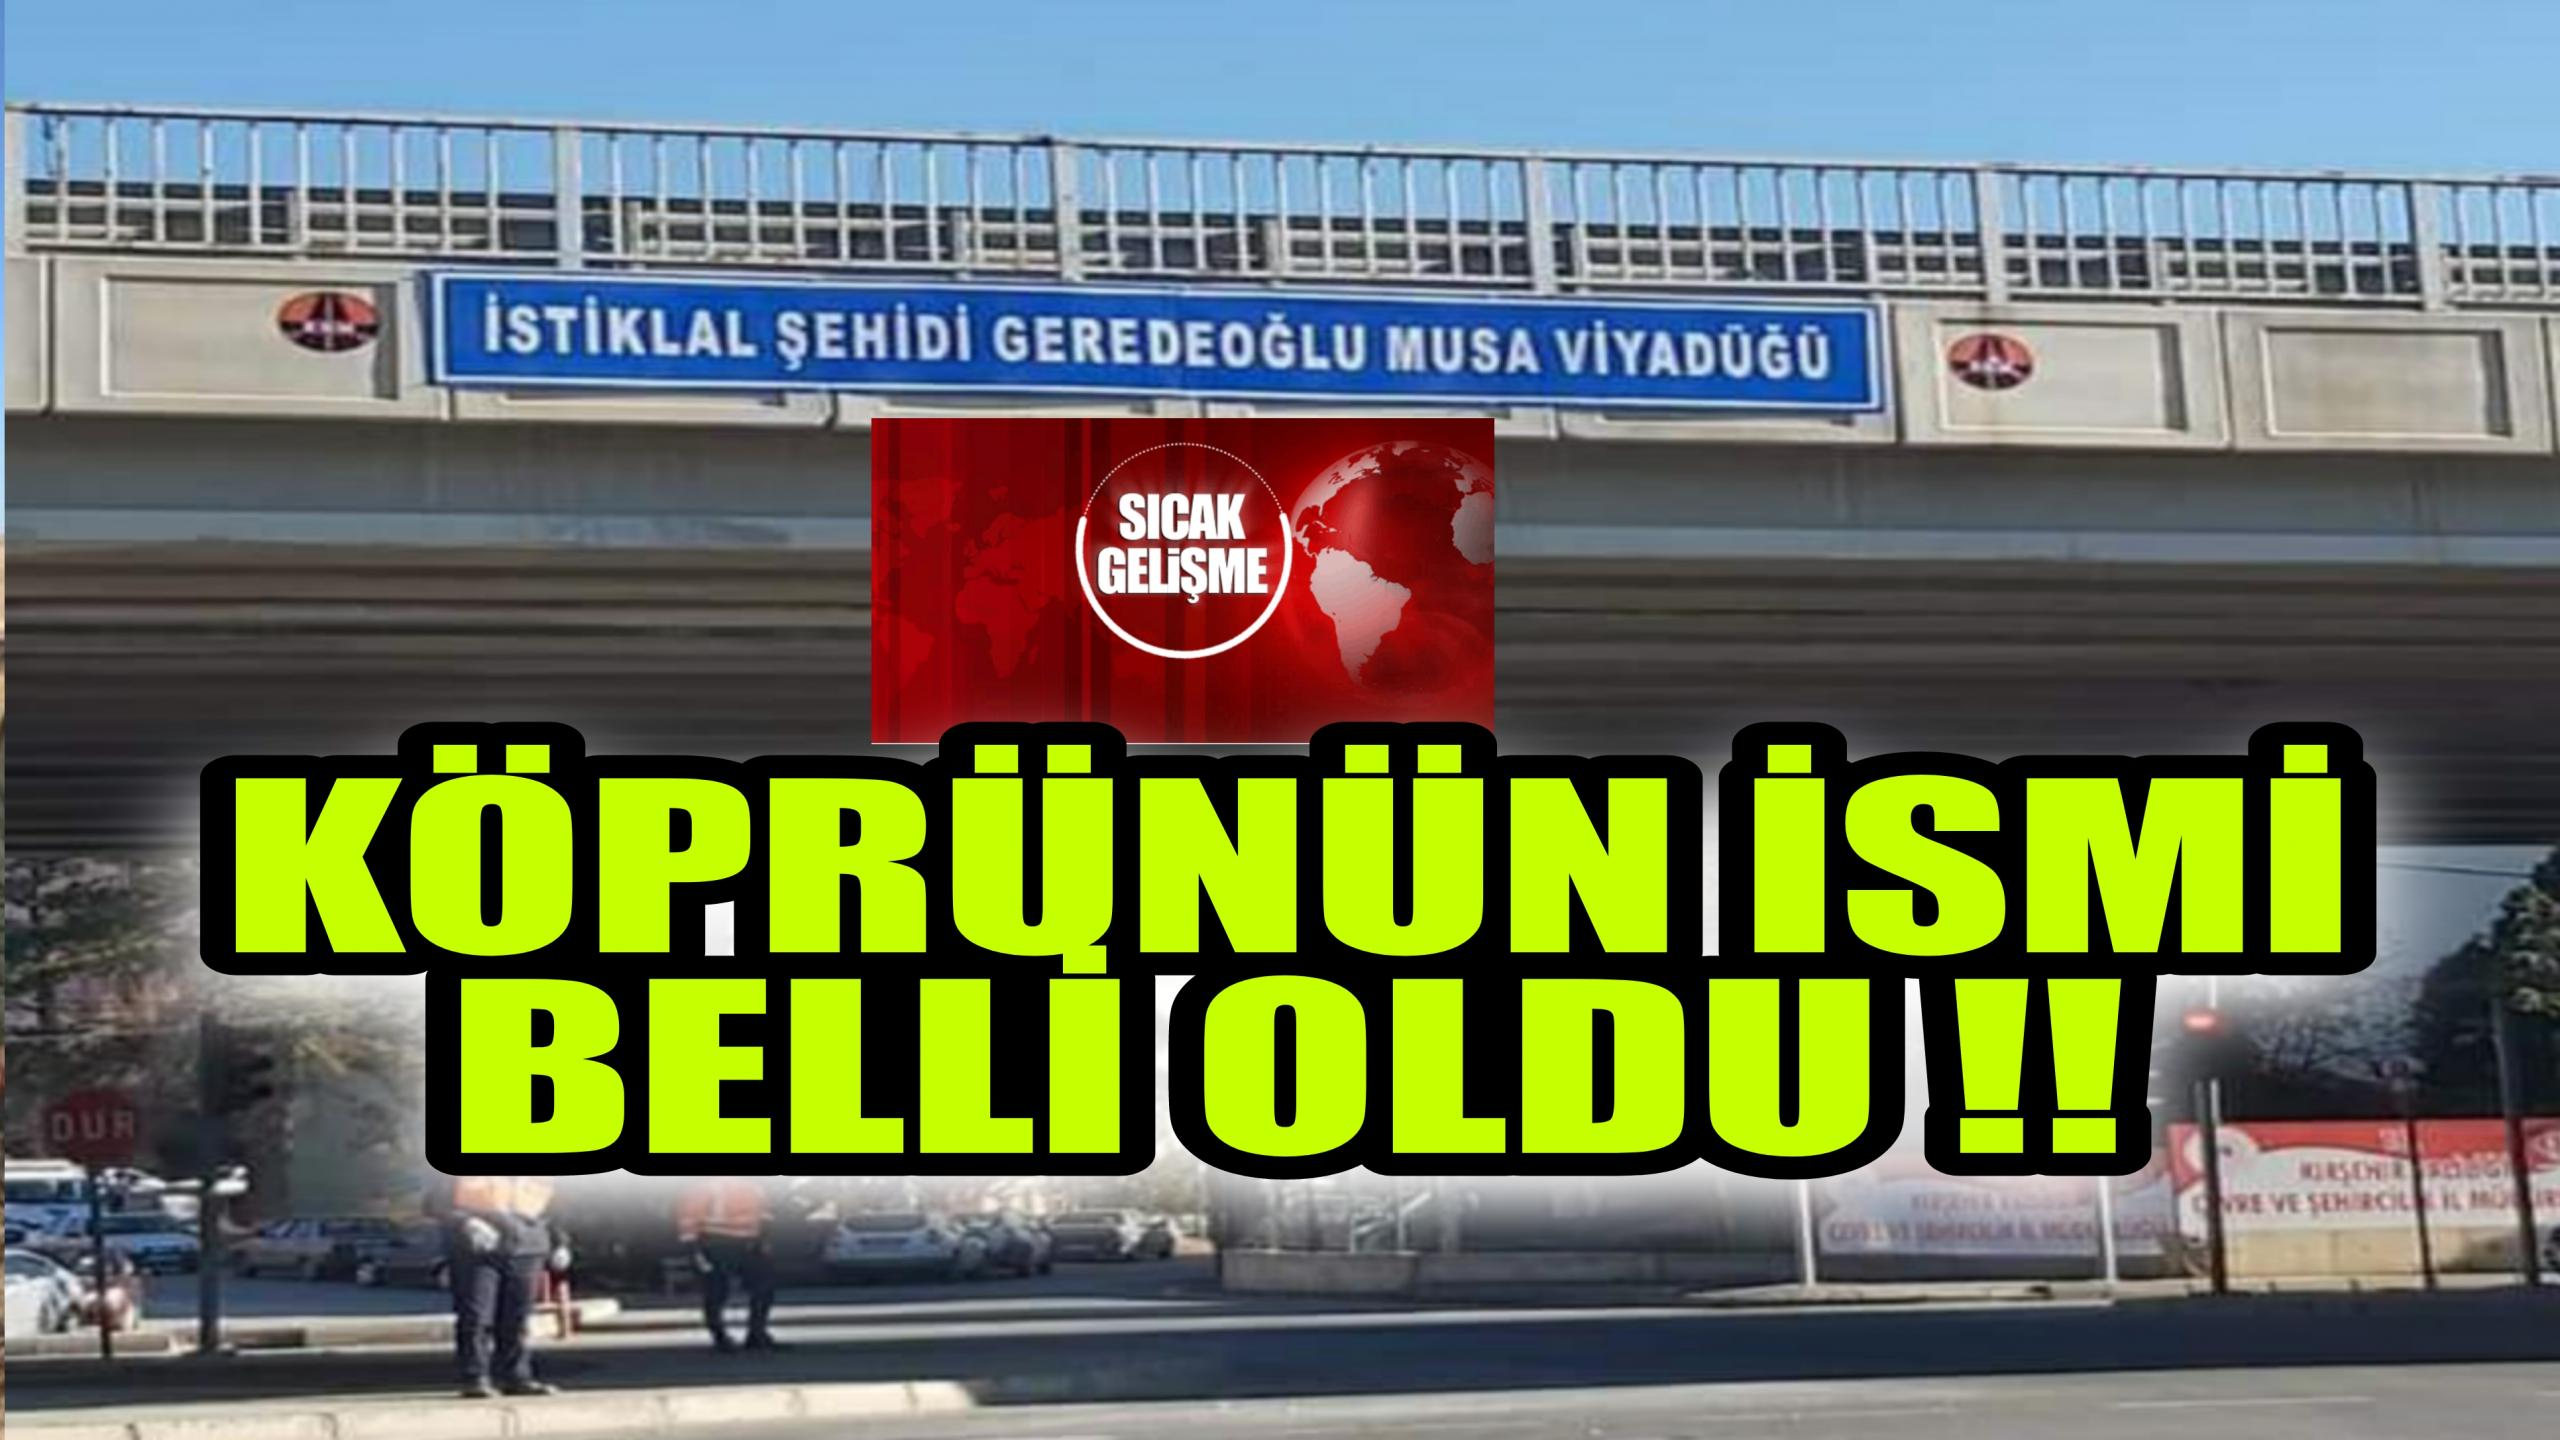 KÖPRÜNÜN İSMİNE İSTİKLÂL ŞEHİDİ VERİLDİ !!